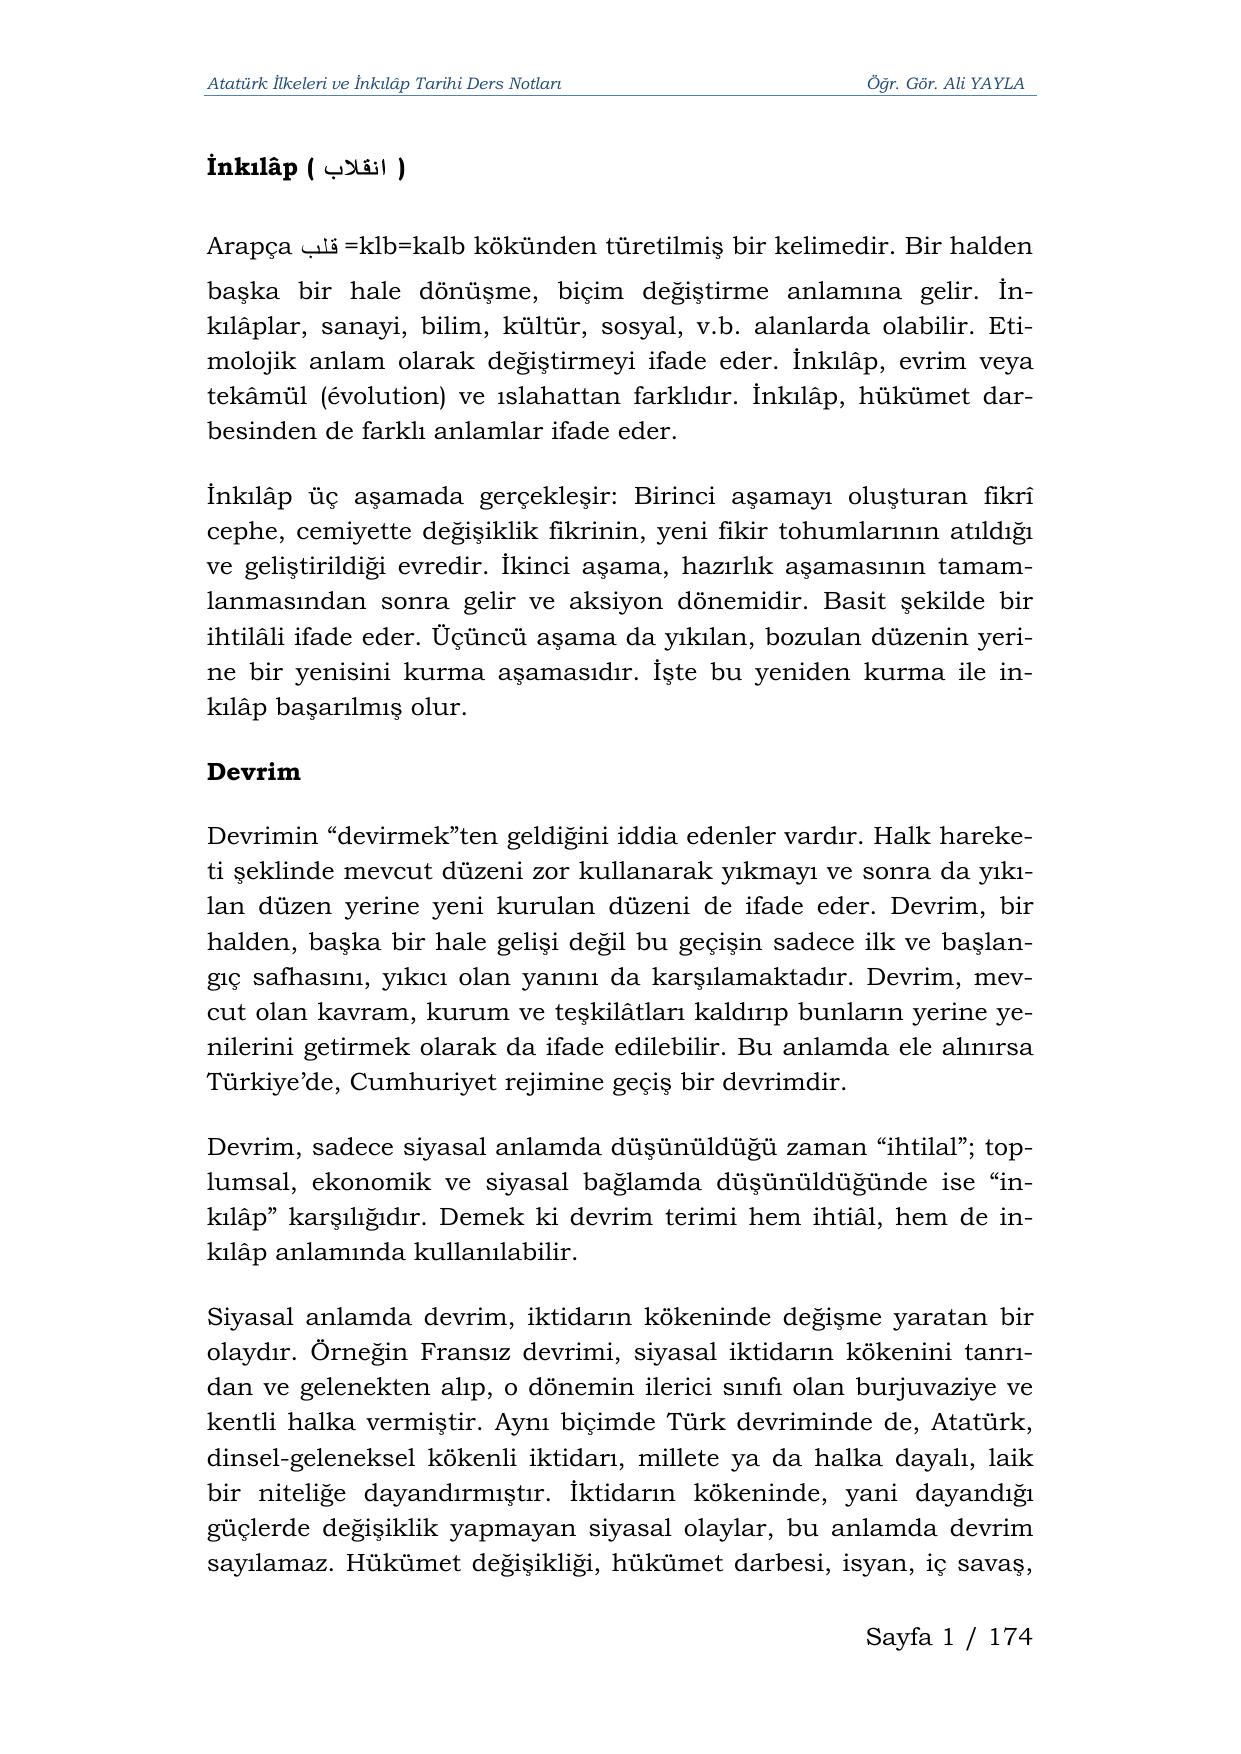 Taş toplama zamanı: İfadenin anlamı ve etimolojisi